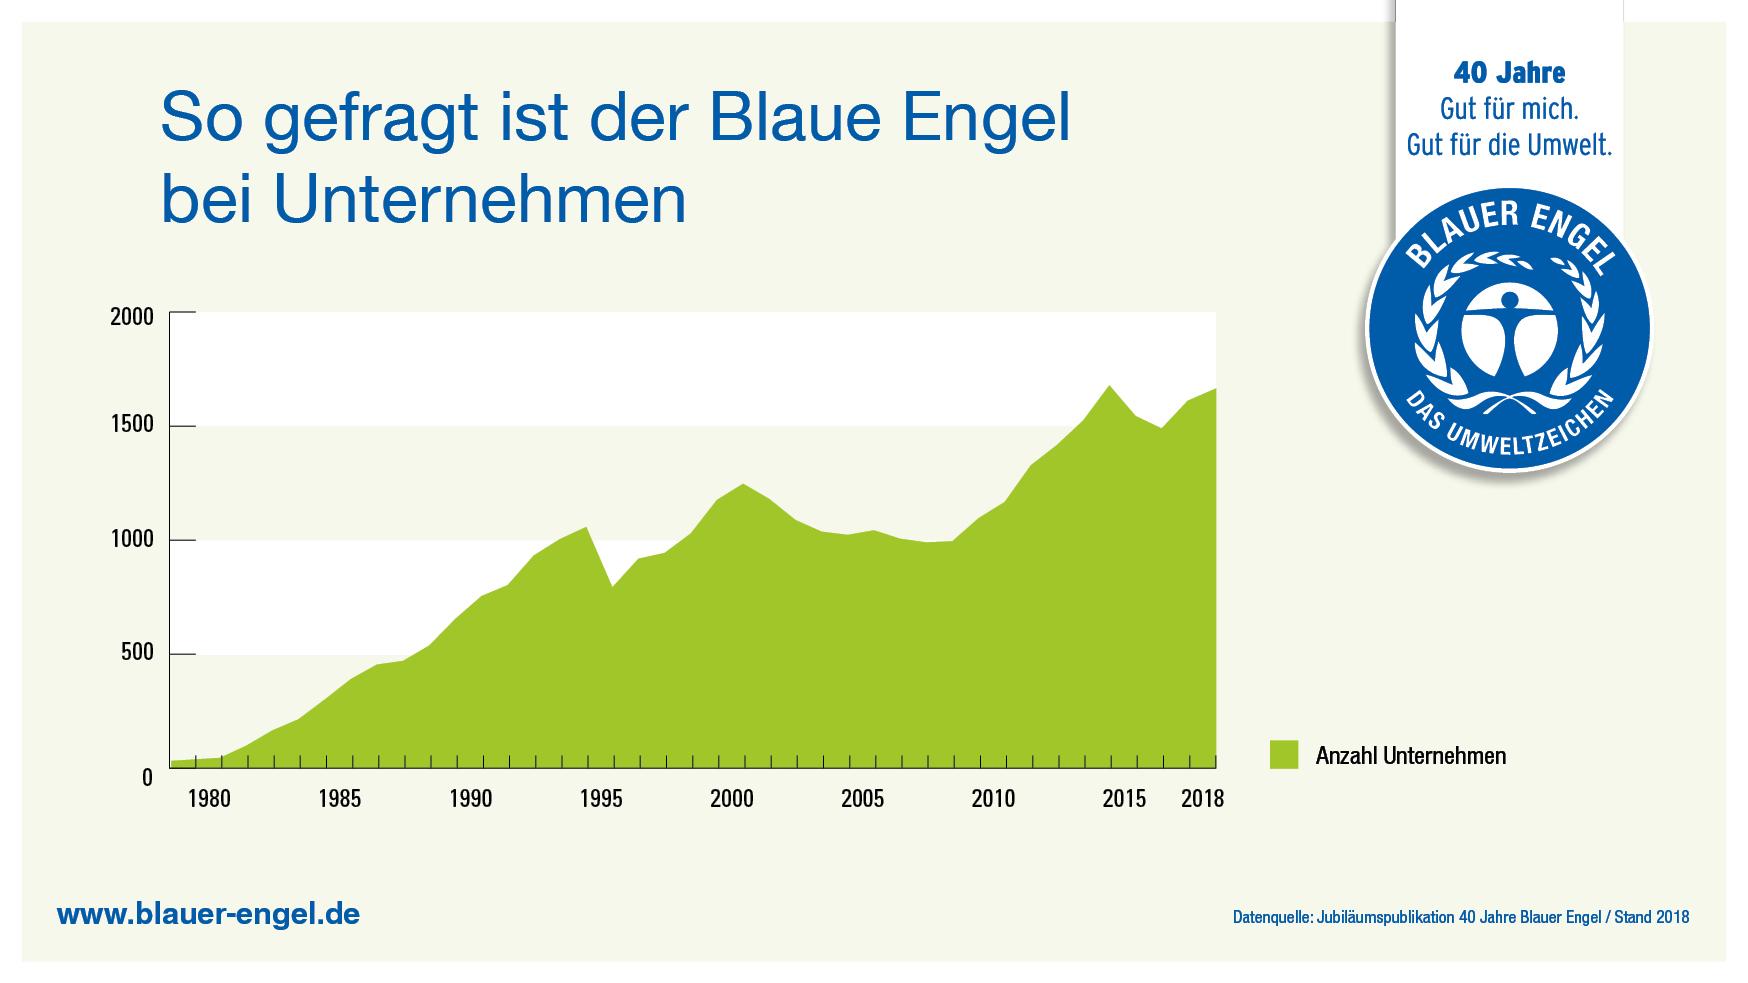 40 Jahre Blauer Engel Umweltbundesamt